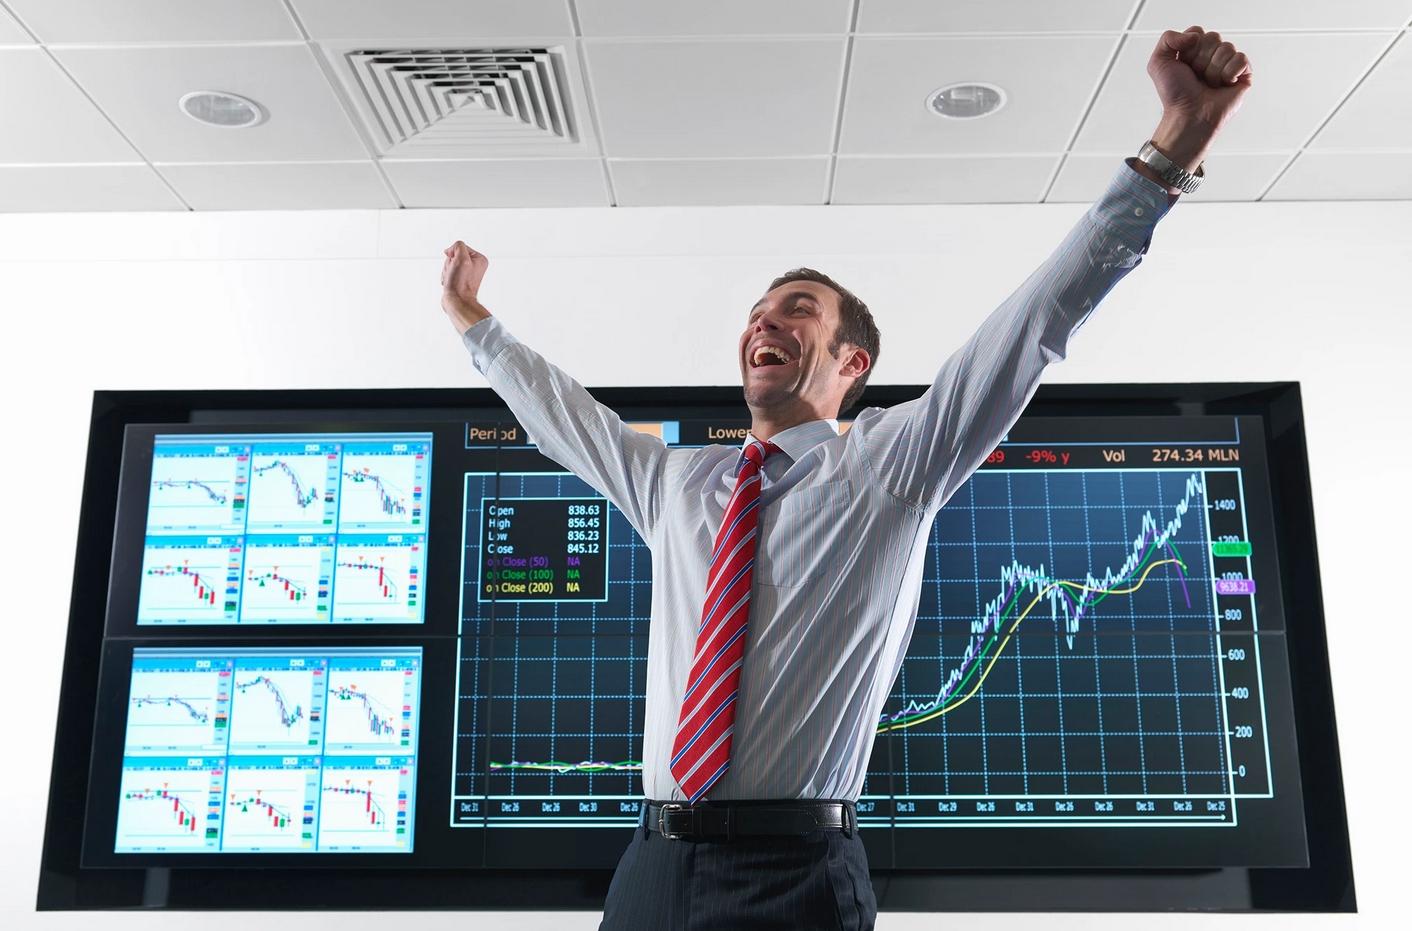 Стейкинг криптовалют на биржах – пассивный доход, отзывы